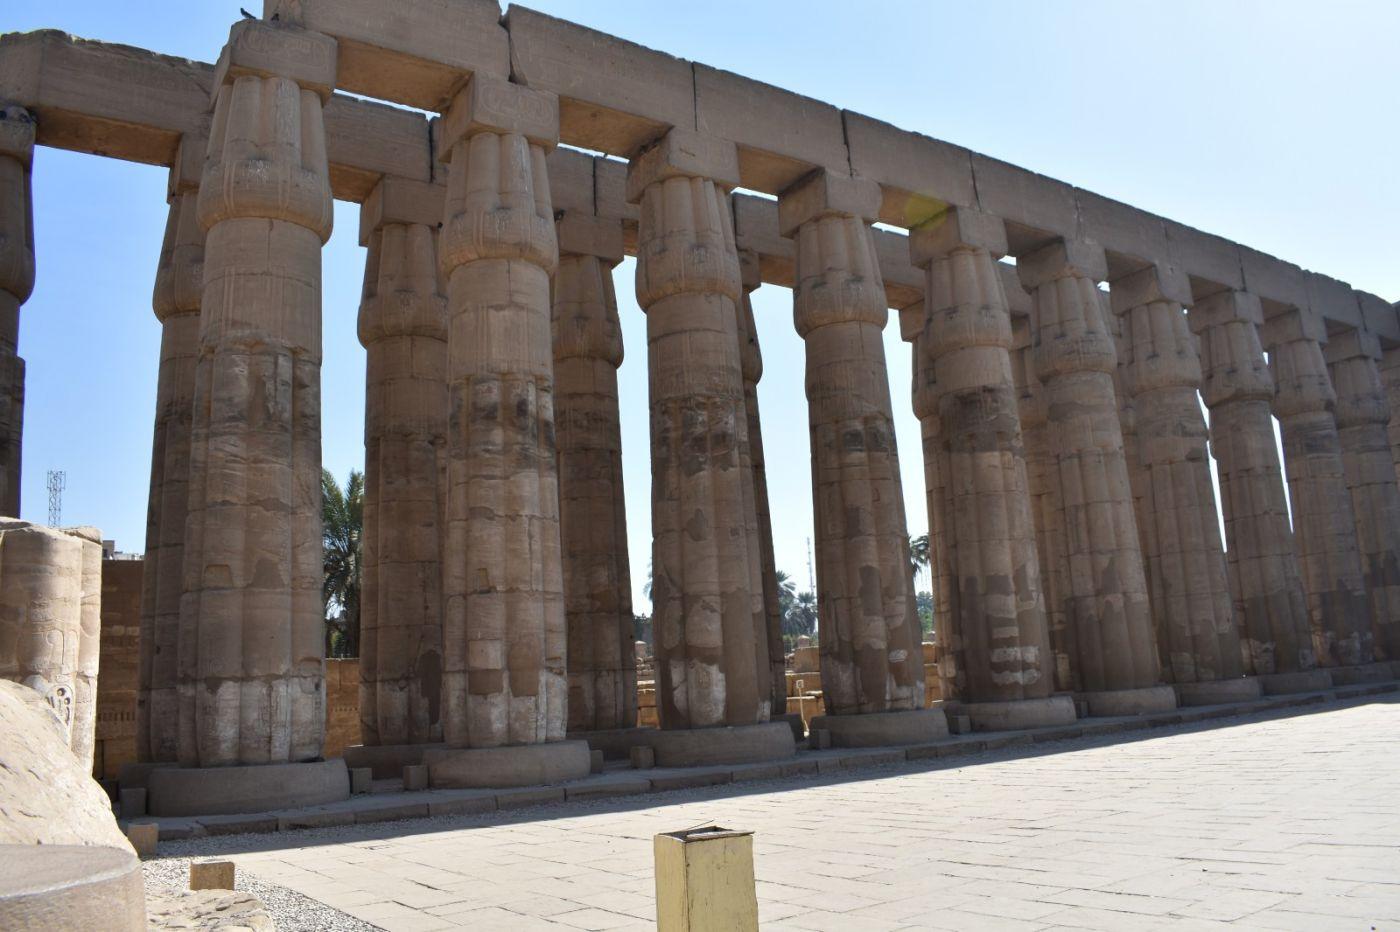 埃德富神庙和卢克索神庙_图1-35